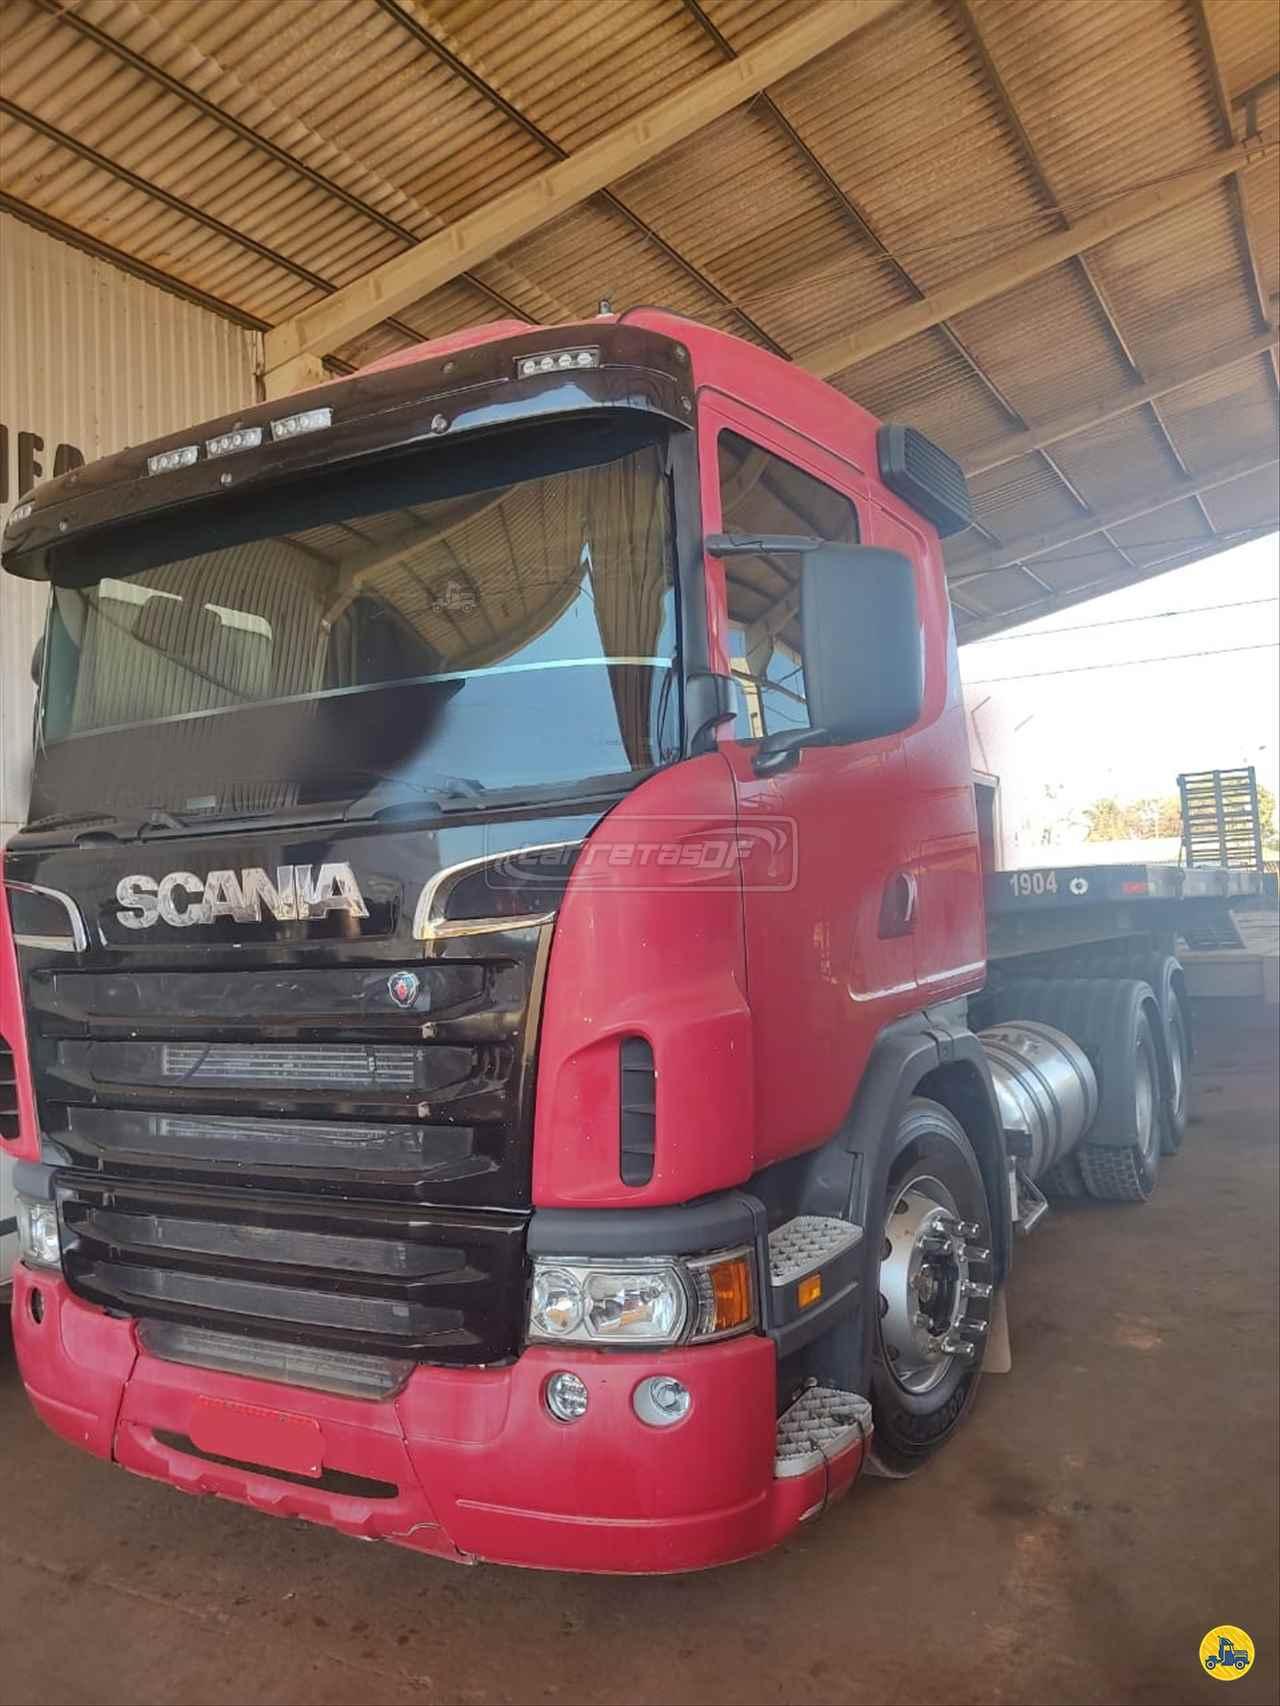 CAMINHAO SCANIA SCANIA 420 Cavalo Mecânico Traçado 6x4 CARRETAS DF - NOMA BRASILIA DISTRITO FEDERAL DF